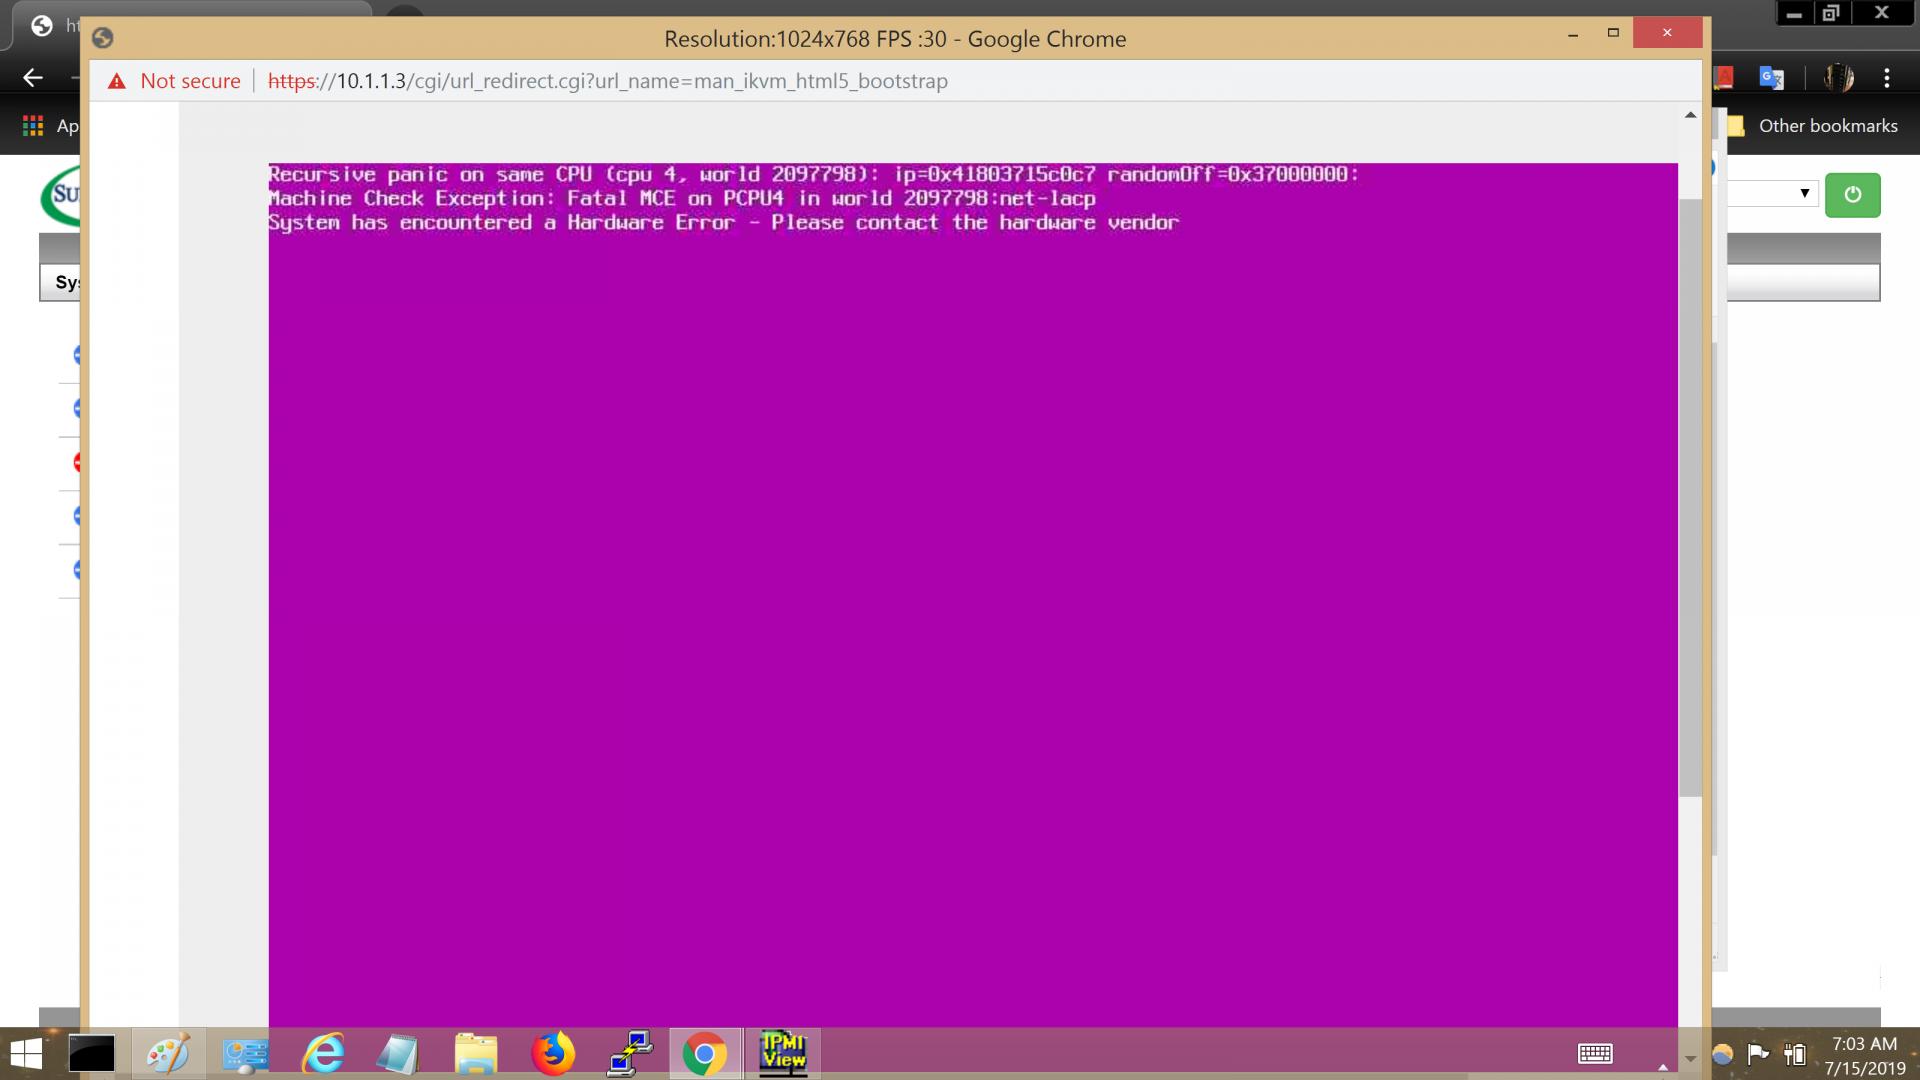 M11SDV-8C-LN4F (AMD Epyc 3251) crashing | iXsystems Community